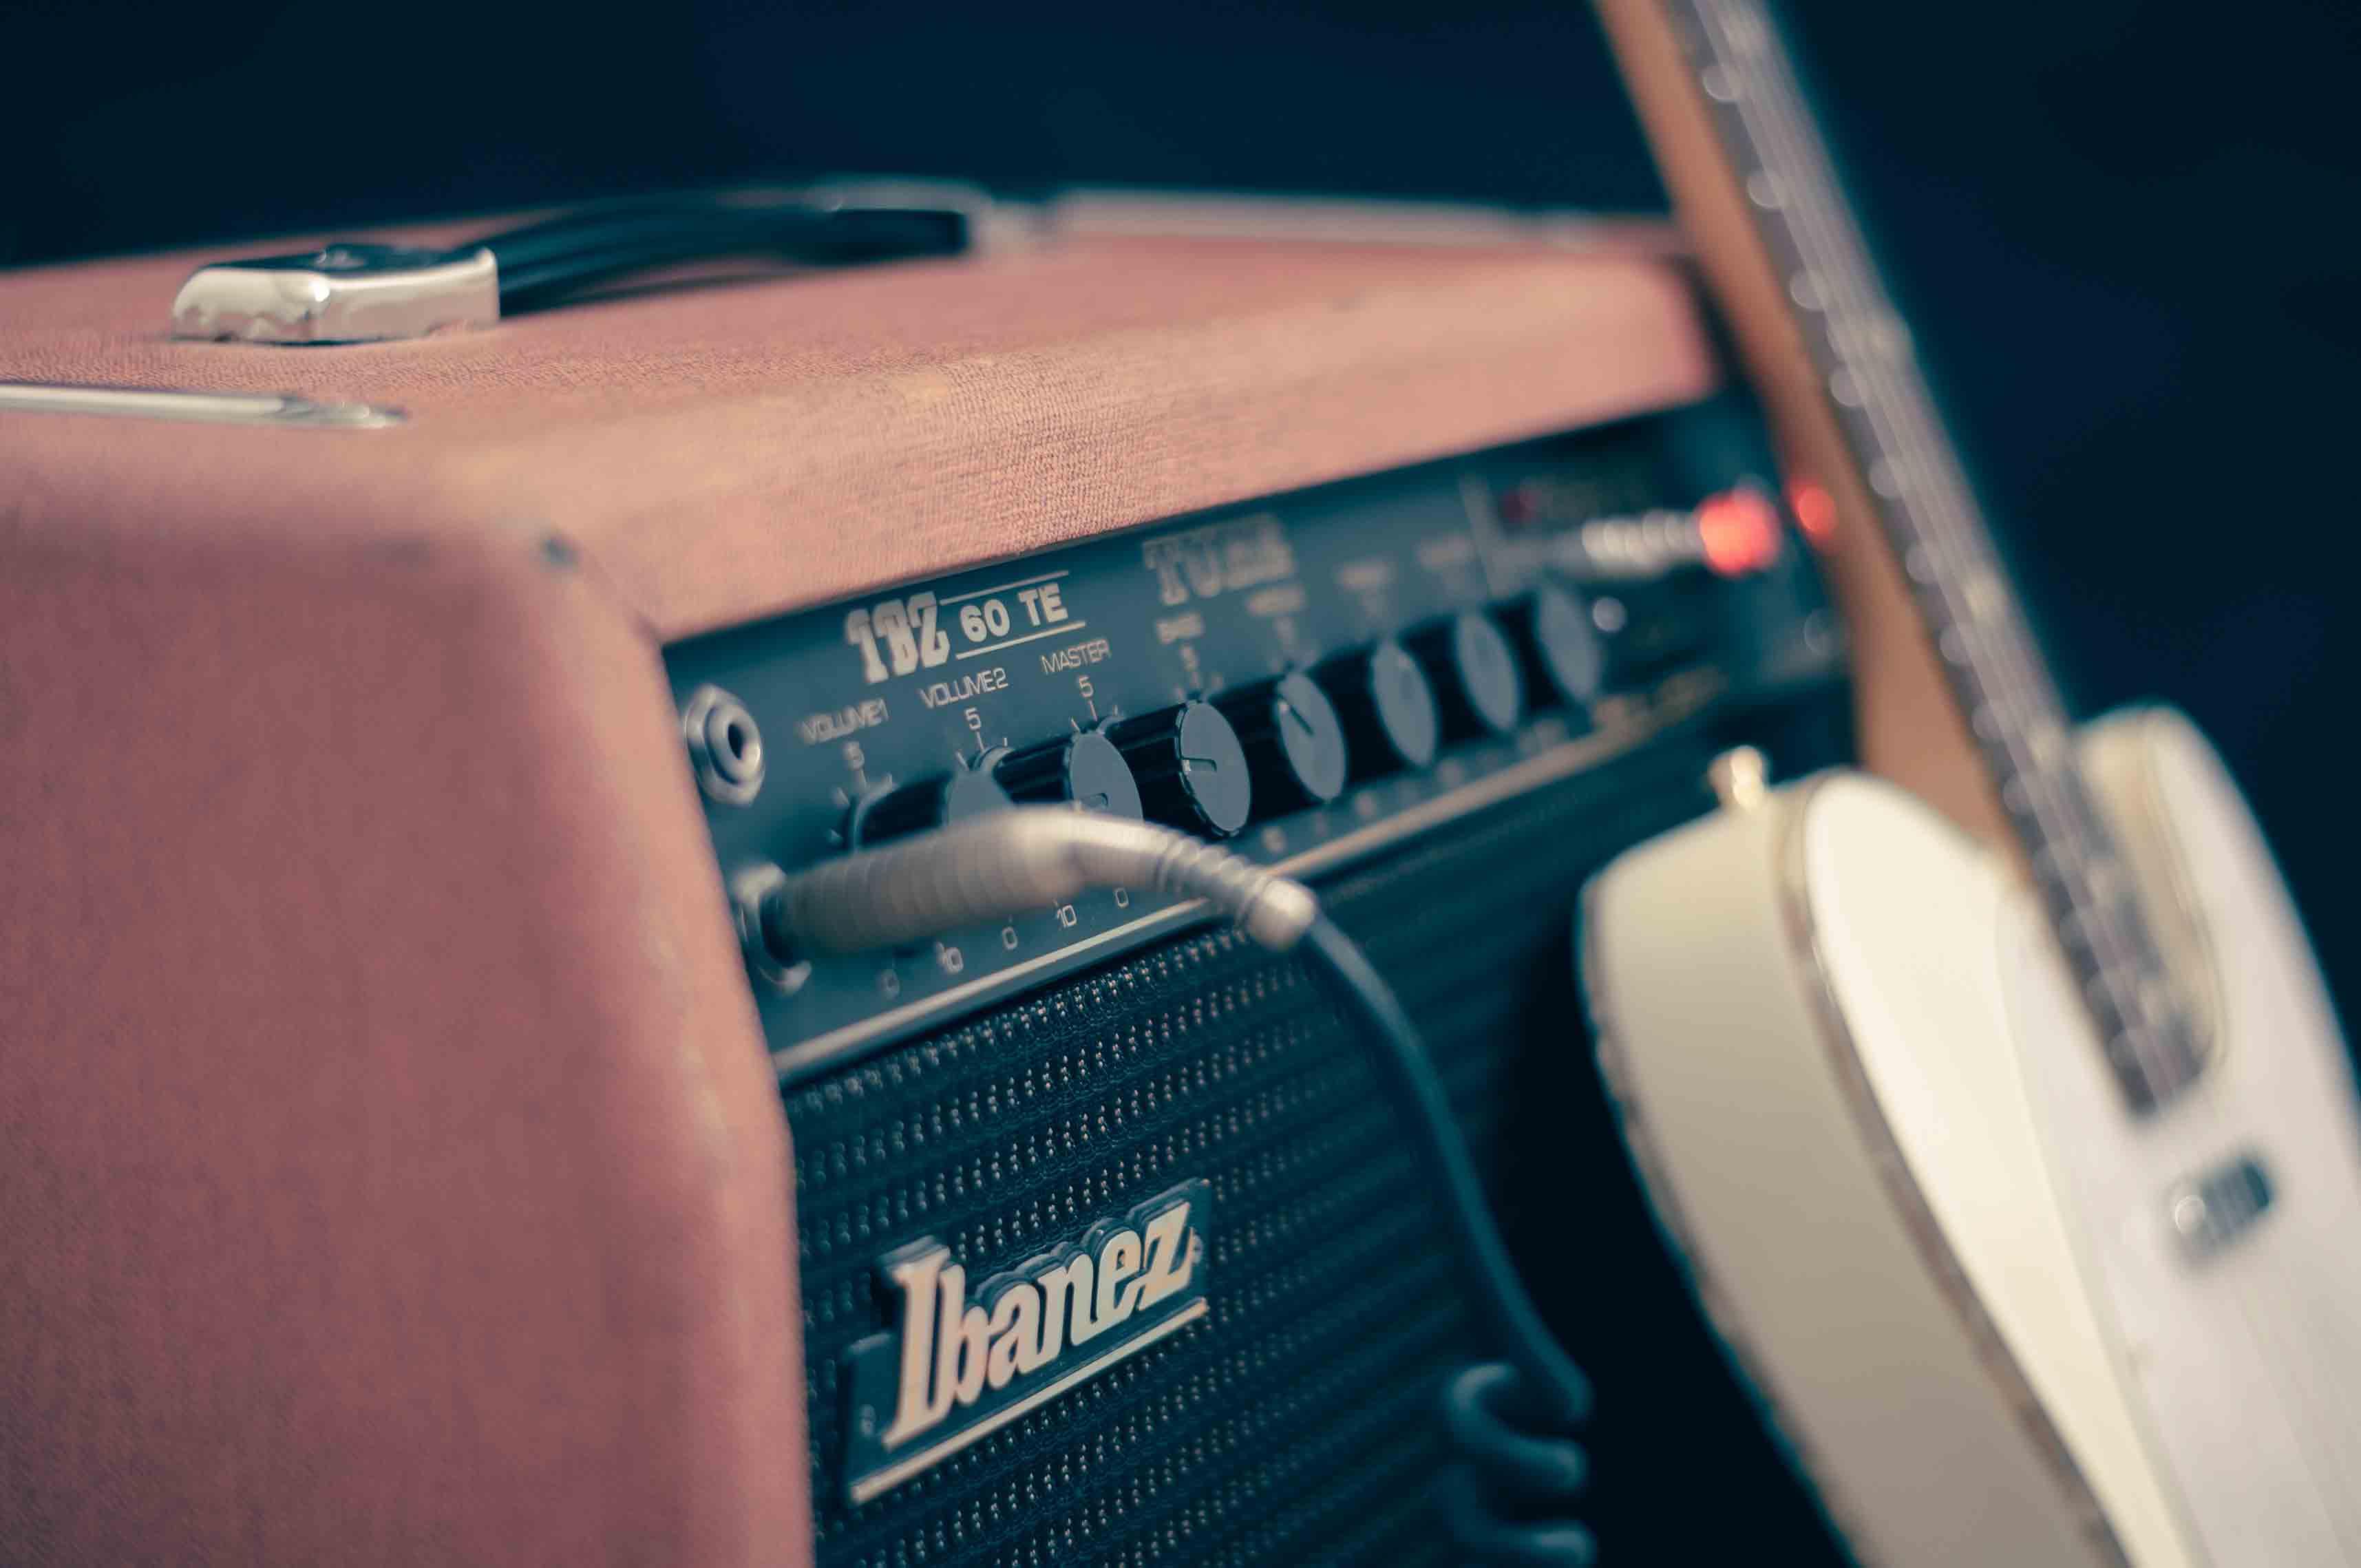 Best Ibanez Guitars – Buyer's Reviews